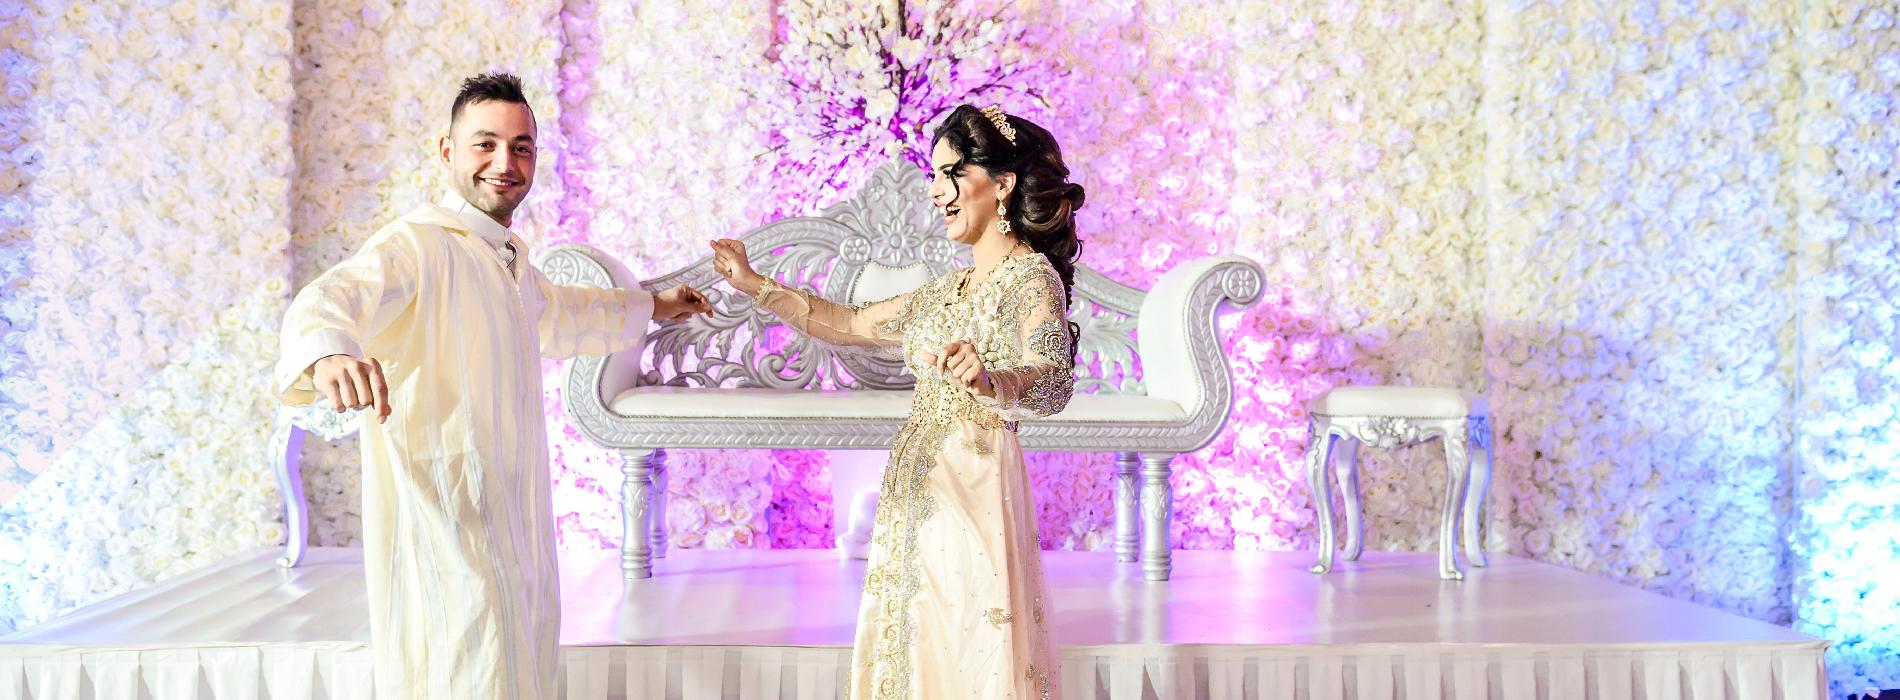 Marokkaanse Bruiloft Event Center Dordrecht